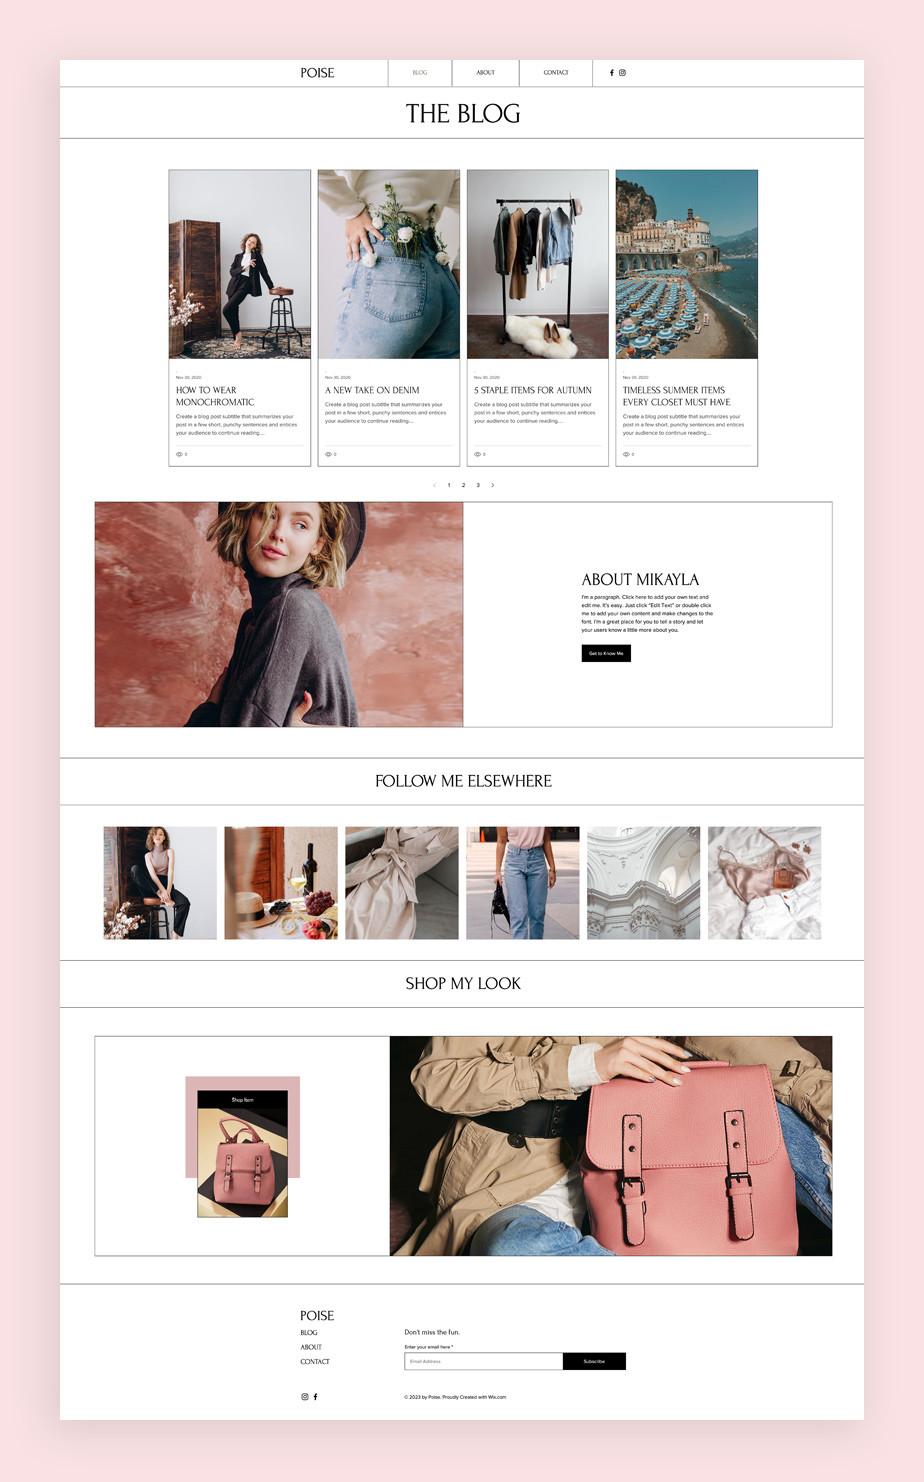 패션 블로그 템플릿에 보여지는 감각적인 패션 의상의 사진과 기사들